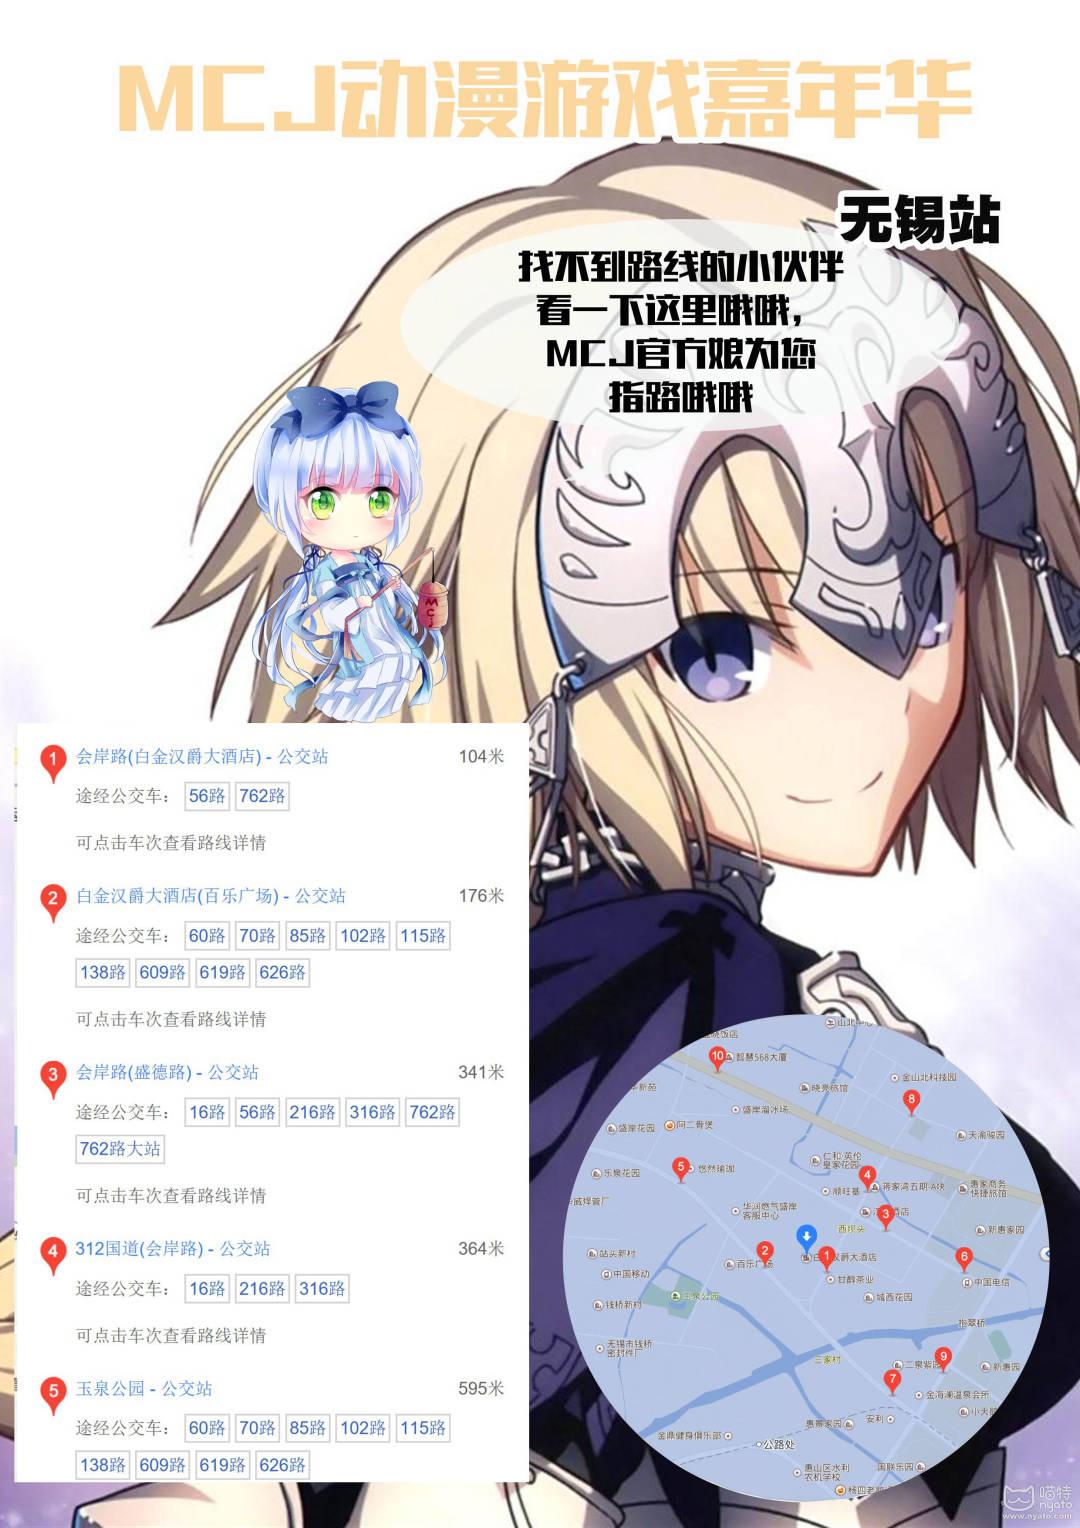 无锡漫展路线图_看图王.jpg